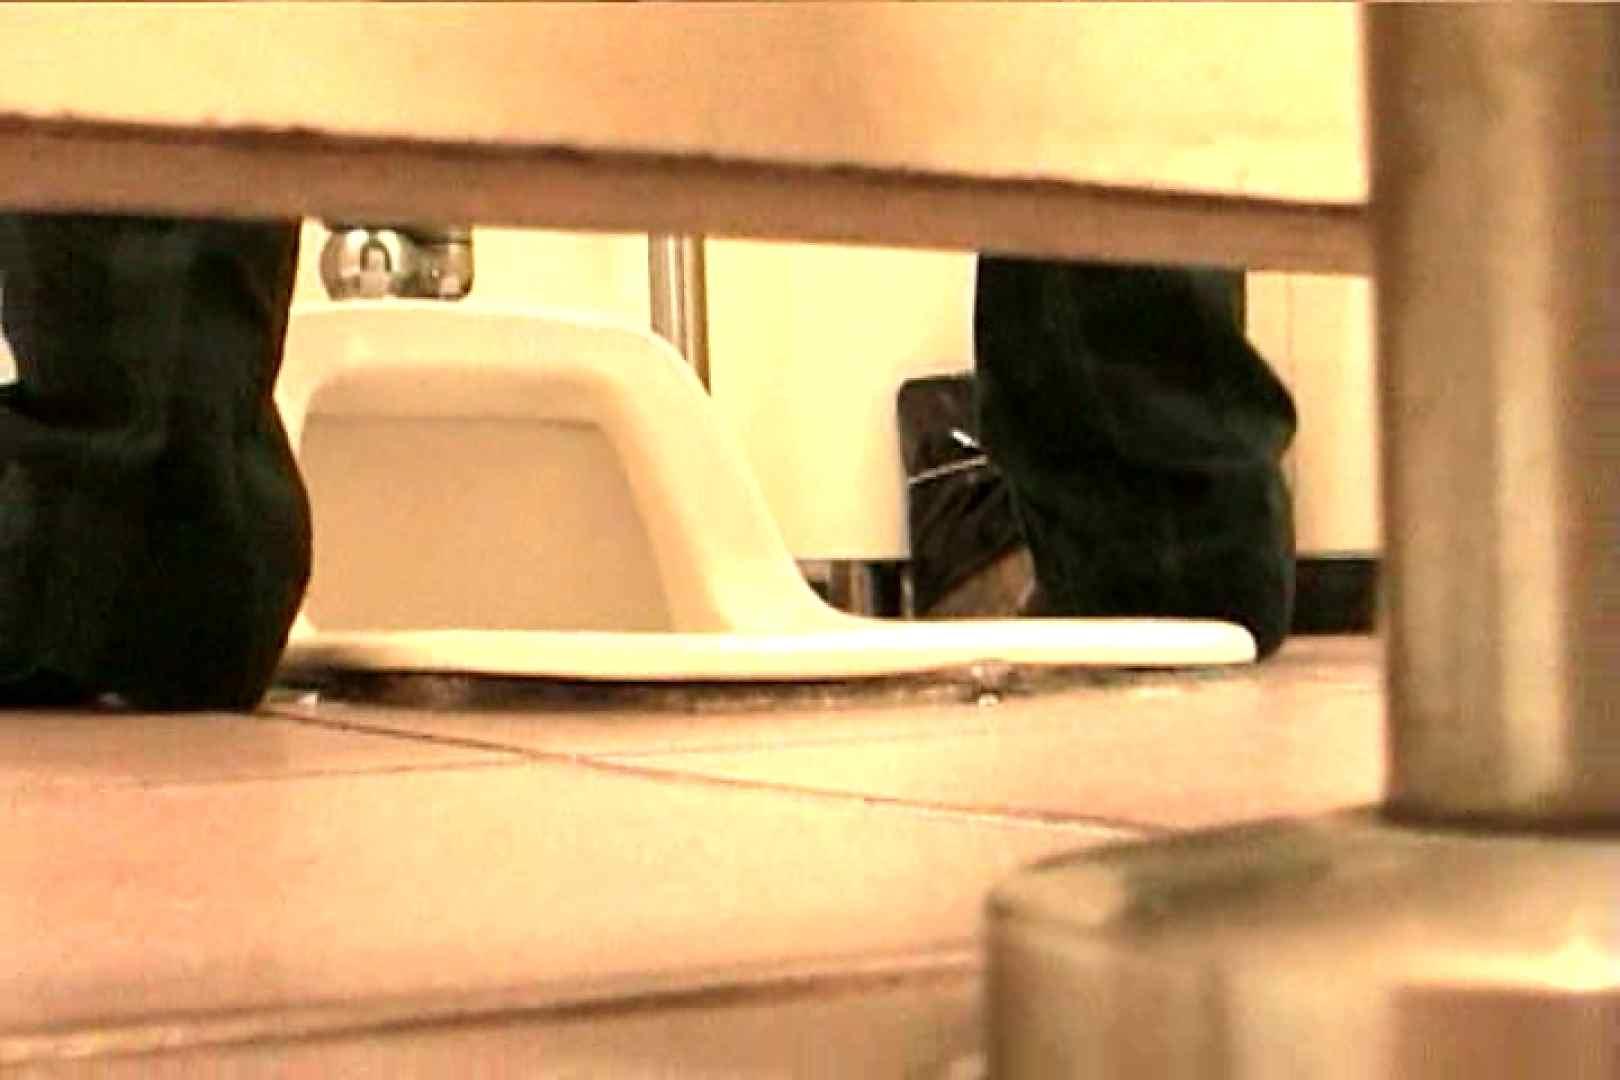 マンコ丸見え女子洗面所Vol.39 おまんこ無修正 オマンコ動画キャプチャ 103画像 59